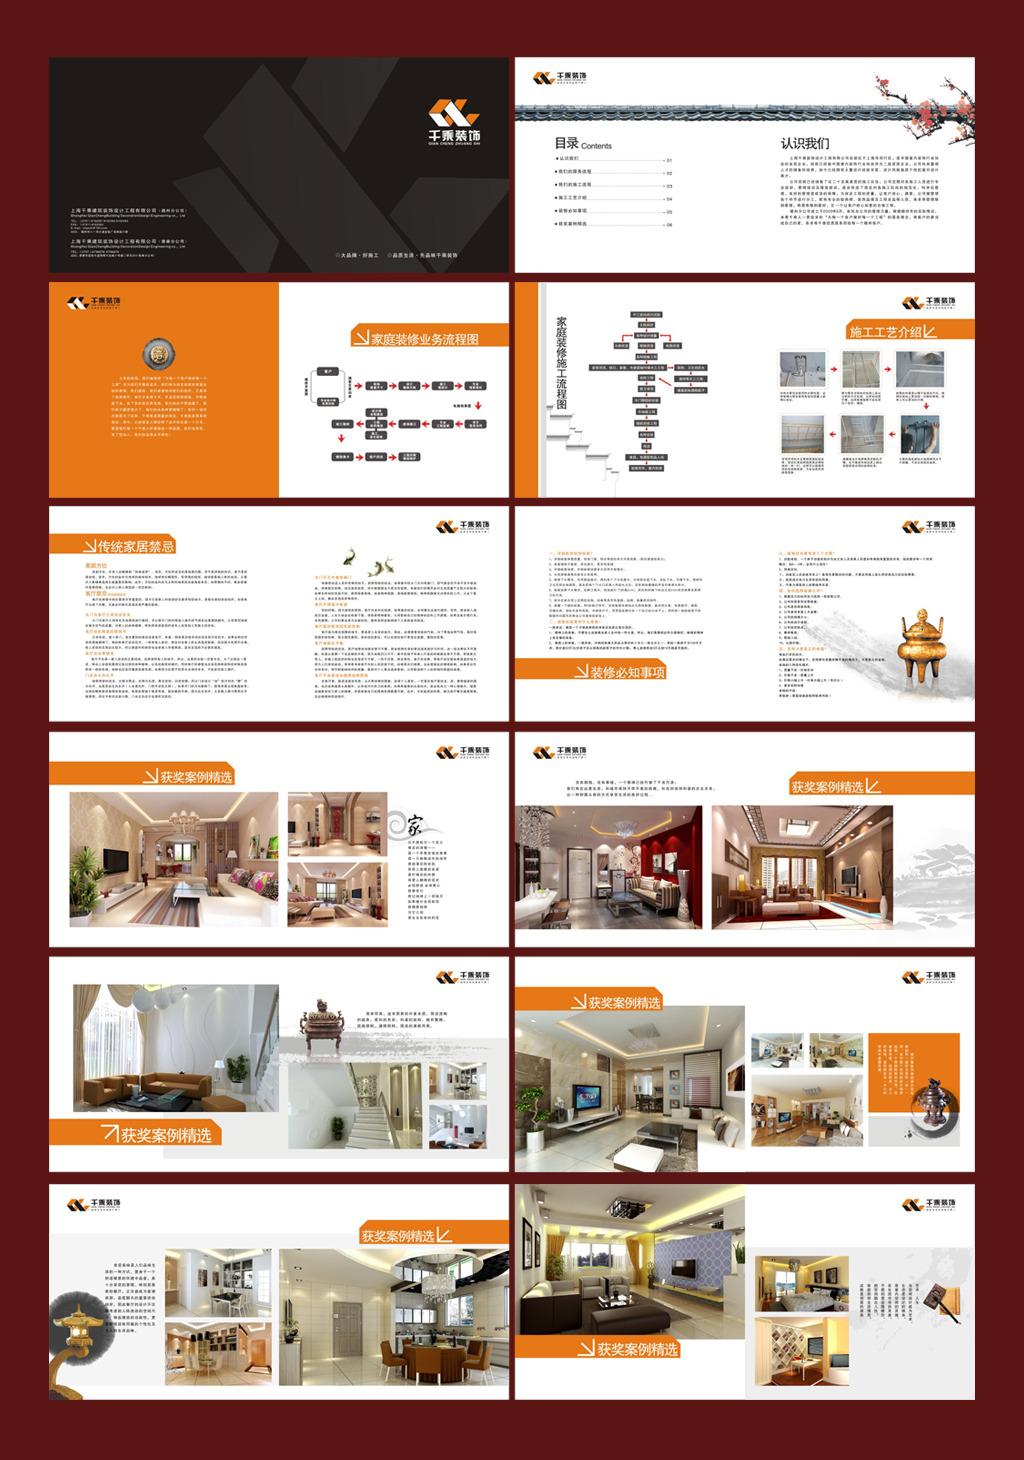 房产建筑装饰装修公司画册图片下载 画册企业画册宣传画册中国风画册